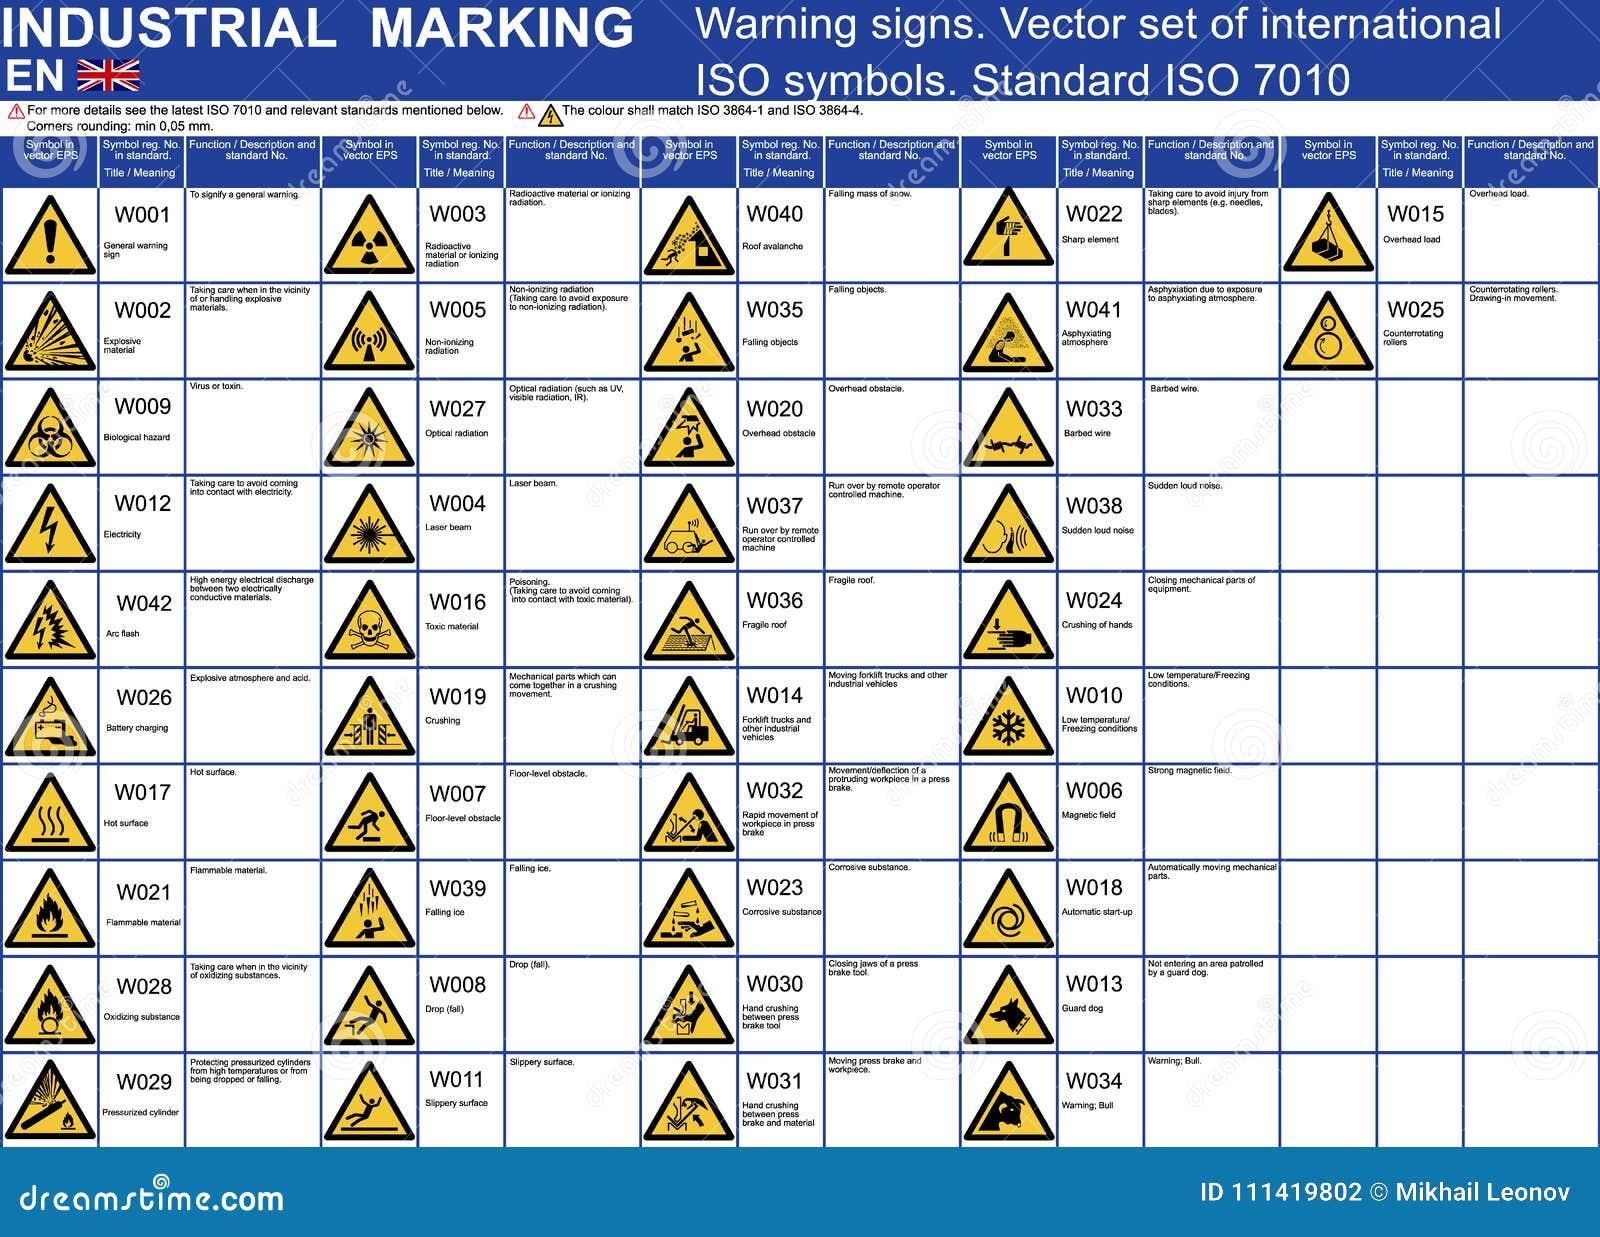 Grupo de ícones dos símbolos dos sinais de aviso do vetor Símbolos de advertência do cuidado do vetor padrão do ISO 7010 Símbolos